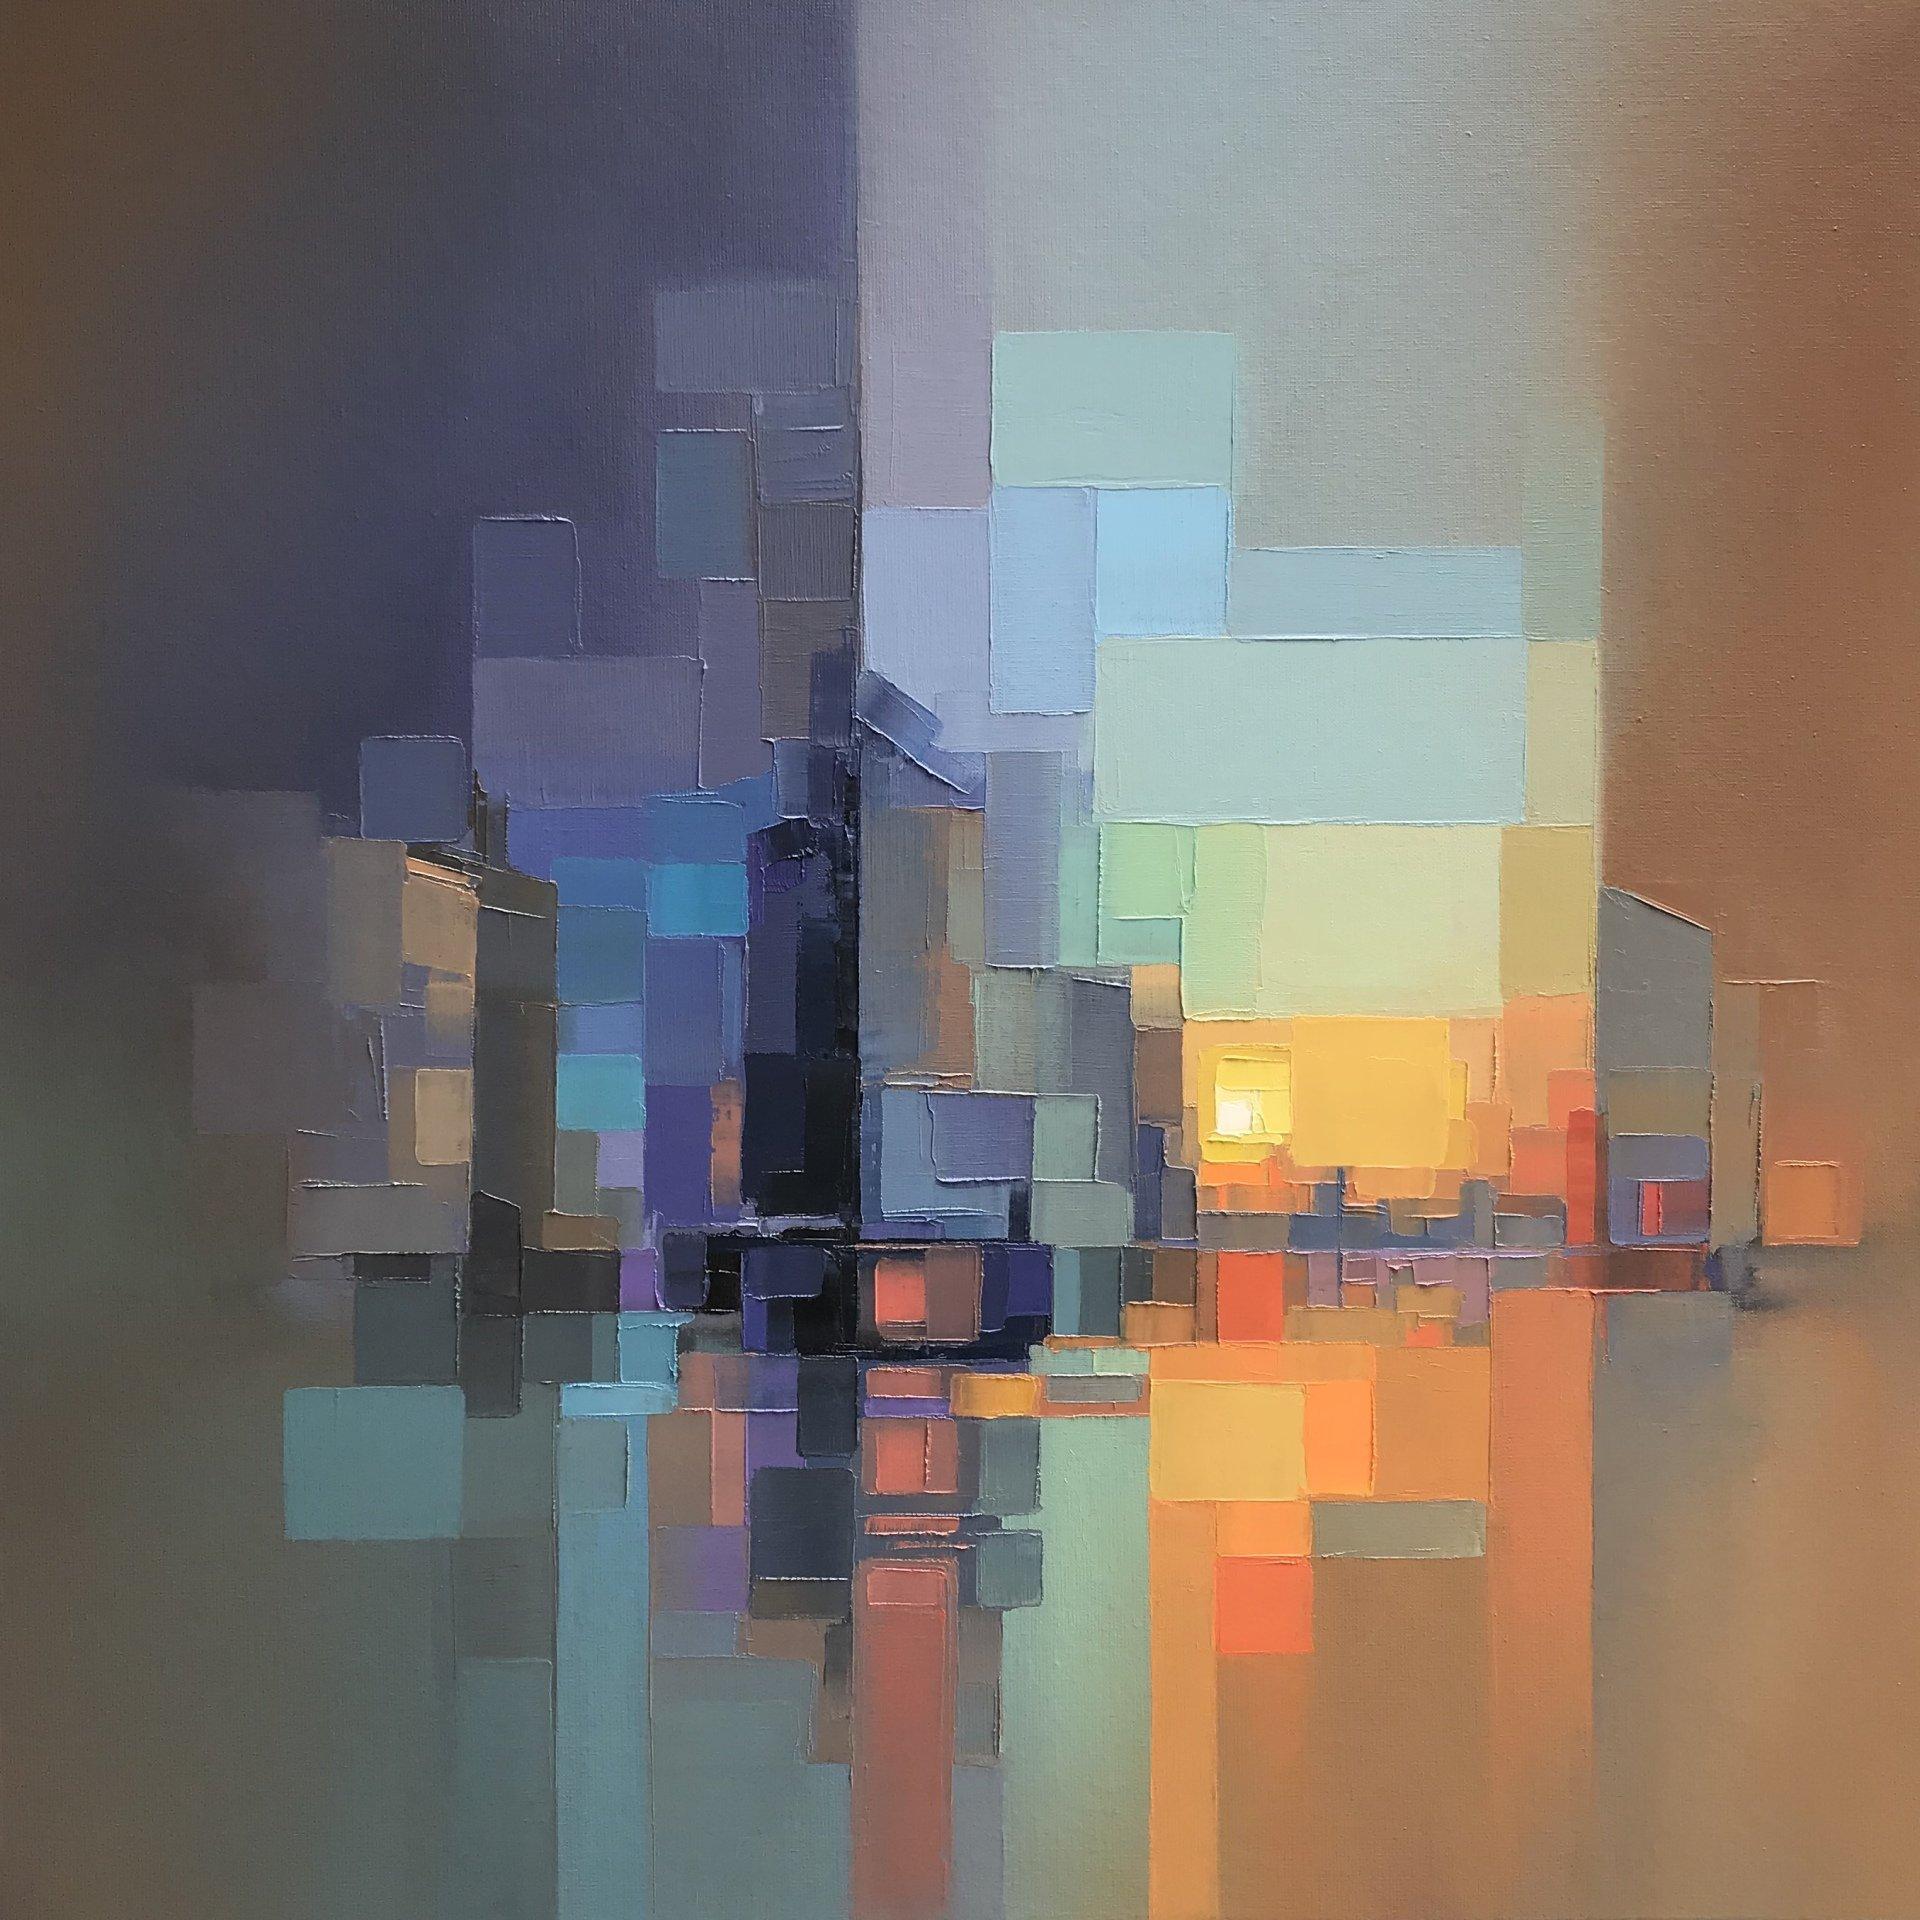 [Reflexion] Les oeuvres qui vous inspirent - Page 3 Advanceoil80cm+x+80cmlinen%C2%A31500.00